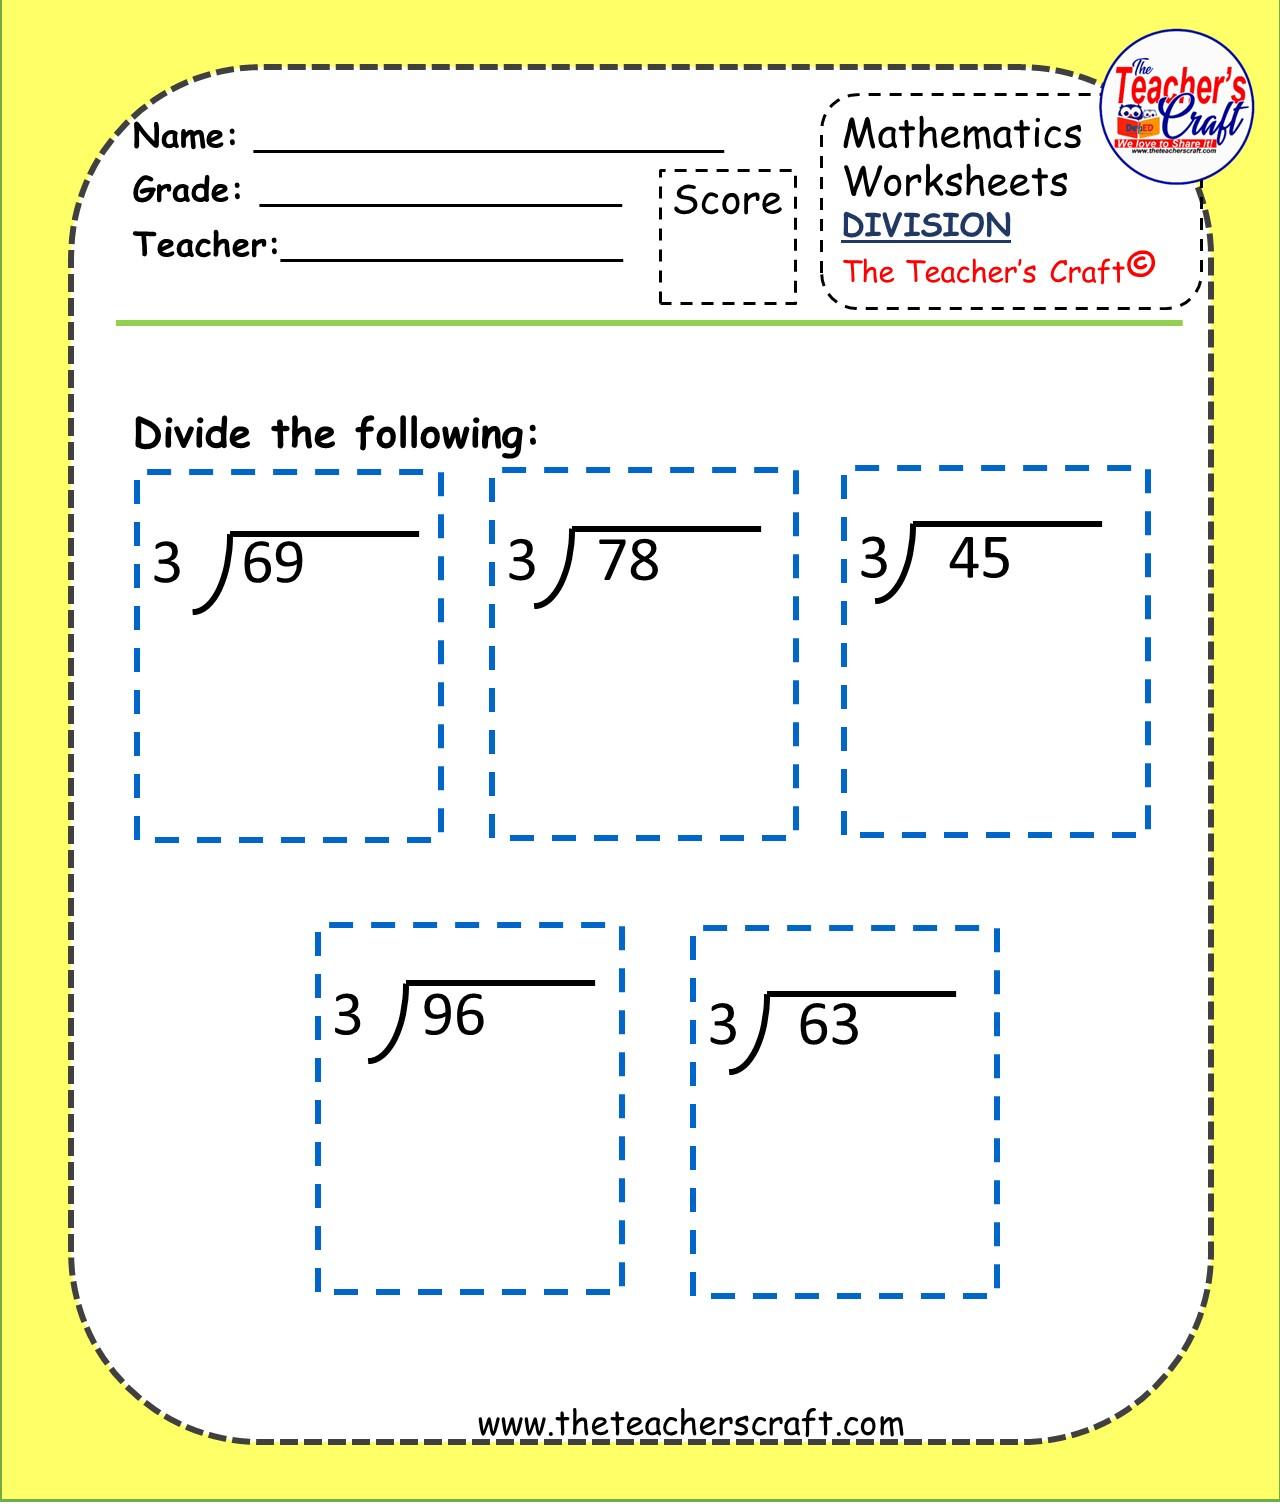 Division Worksheets Level 2